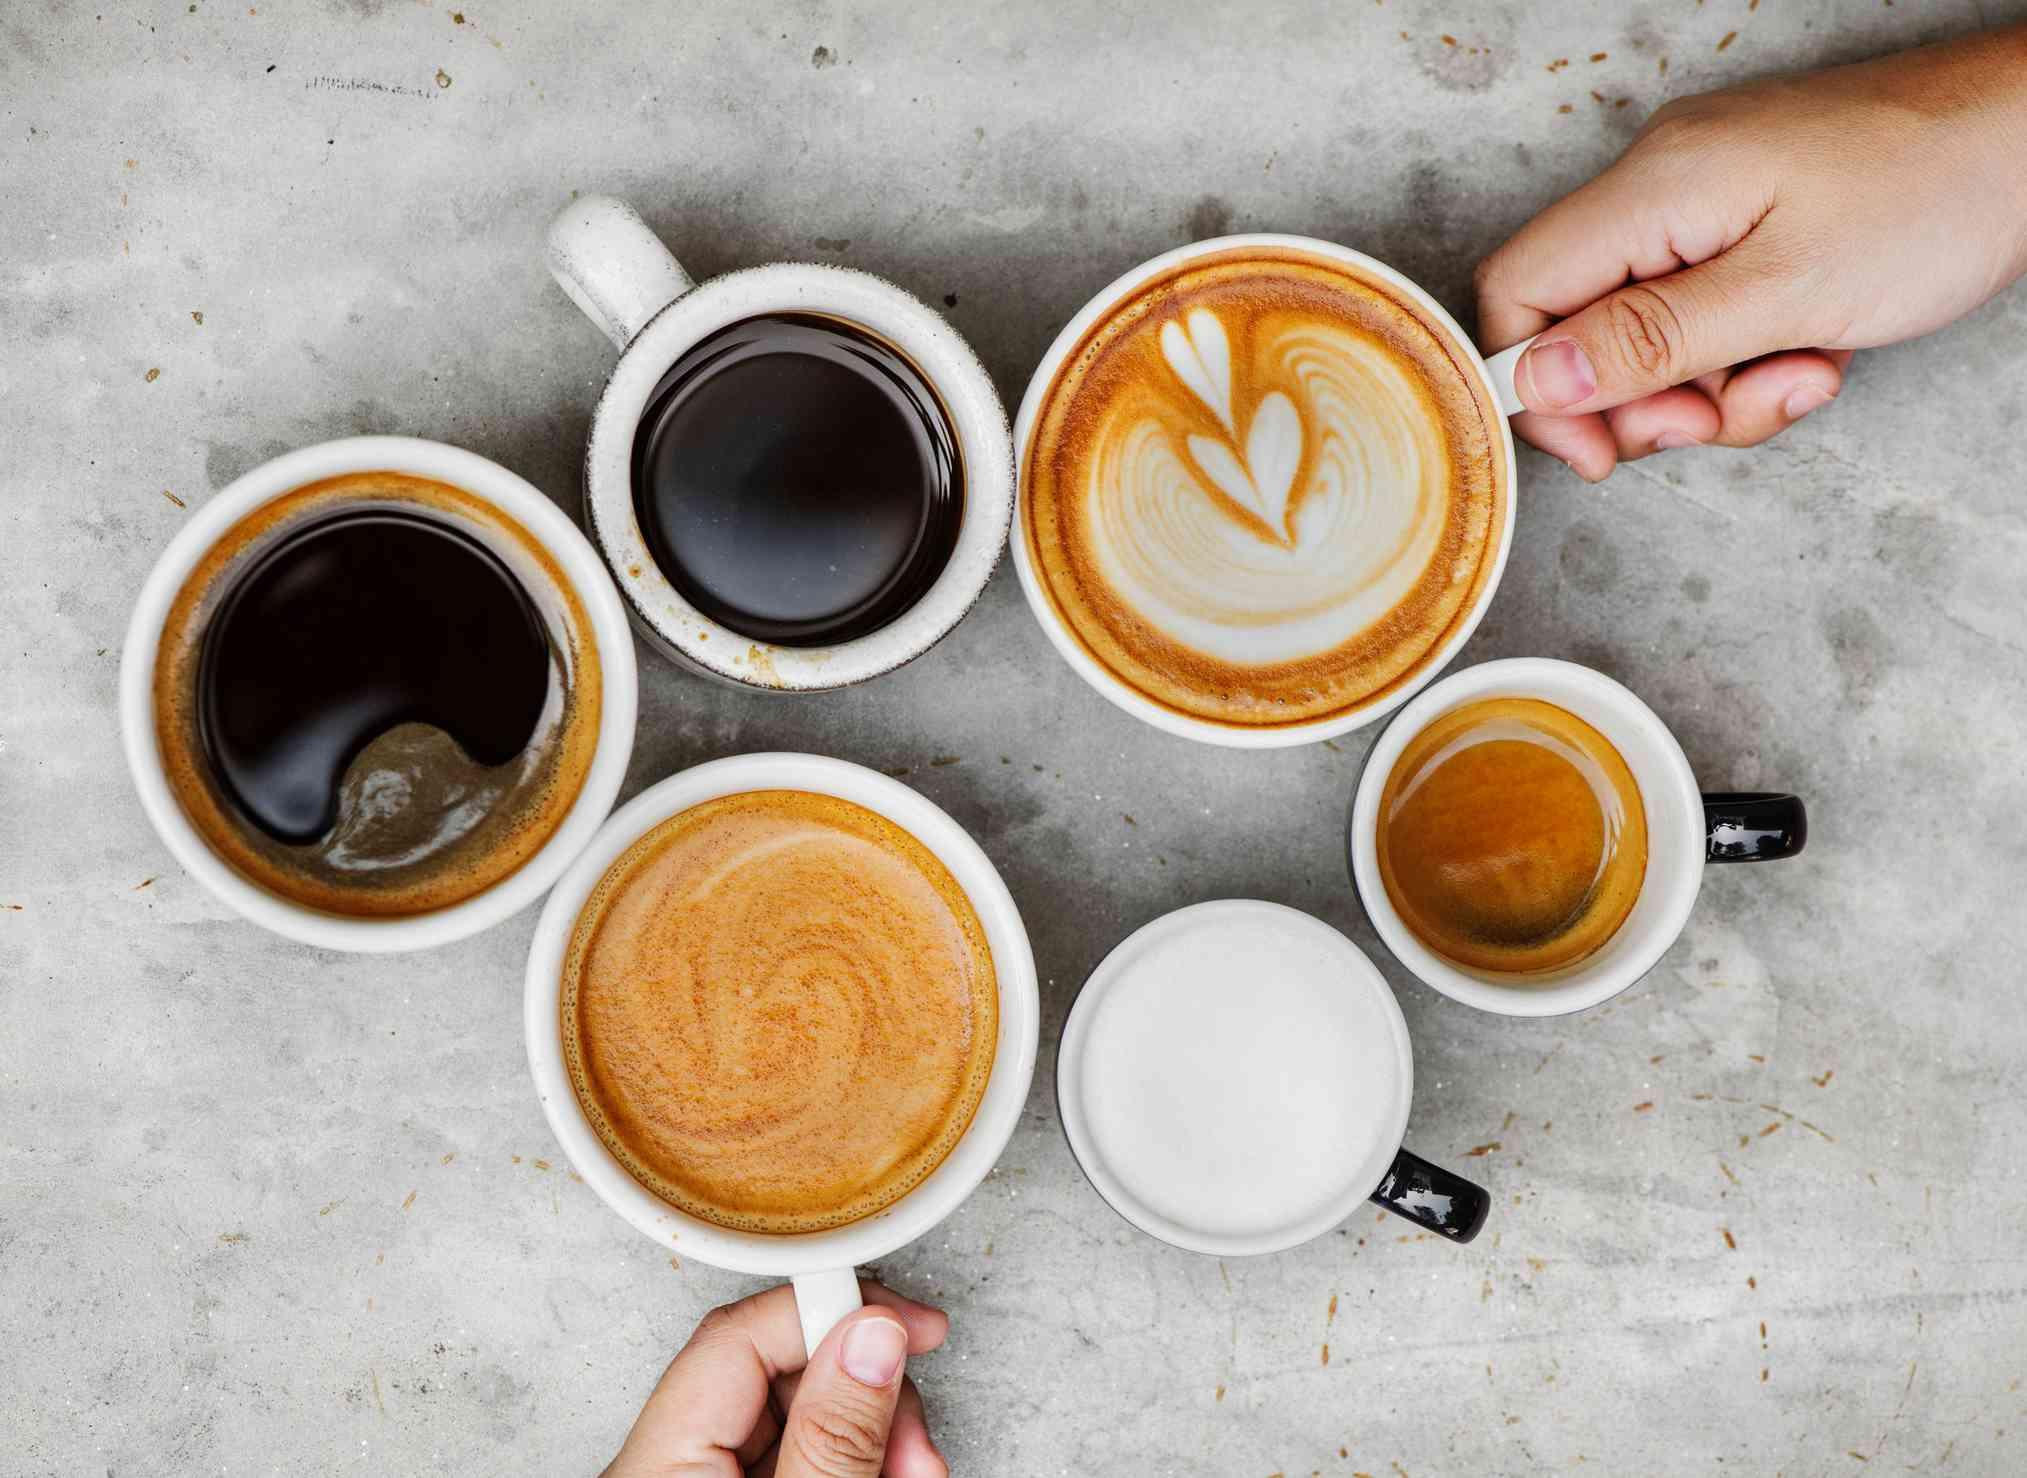 Un grupo de tazas llenas de café negro y lattes.